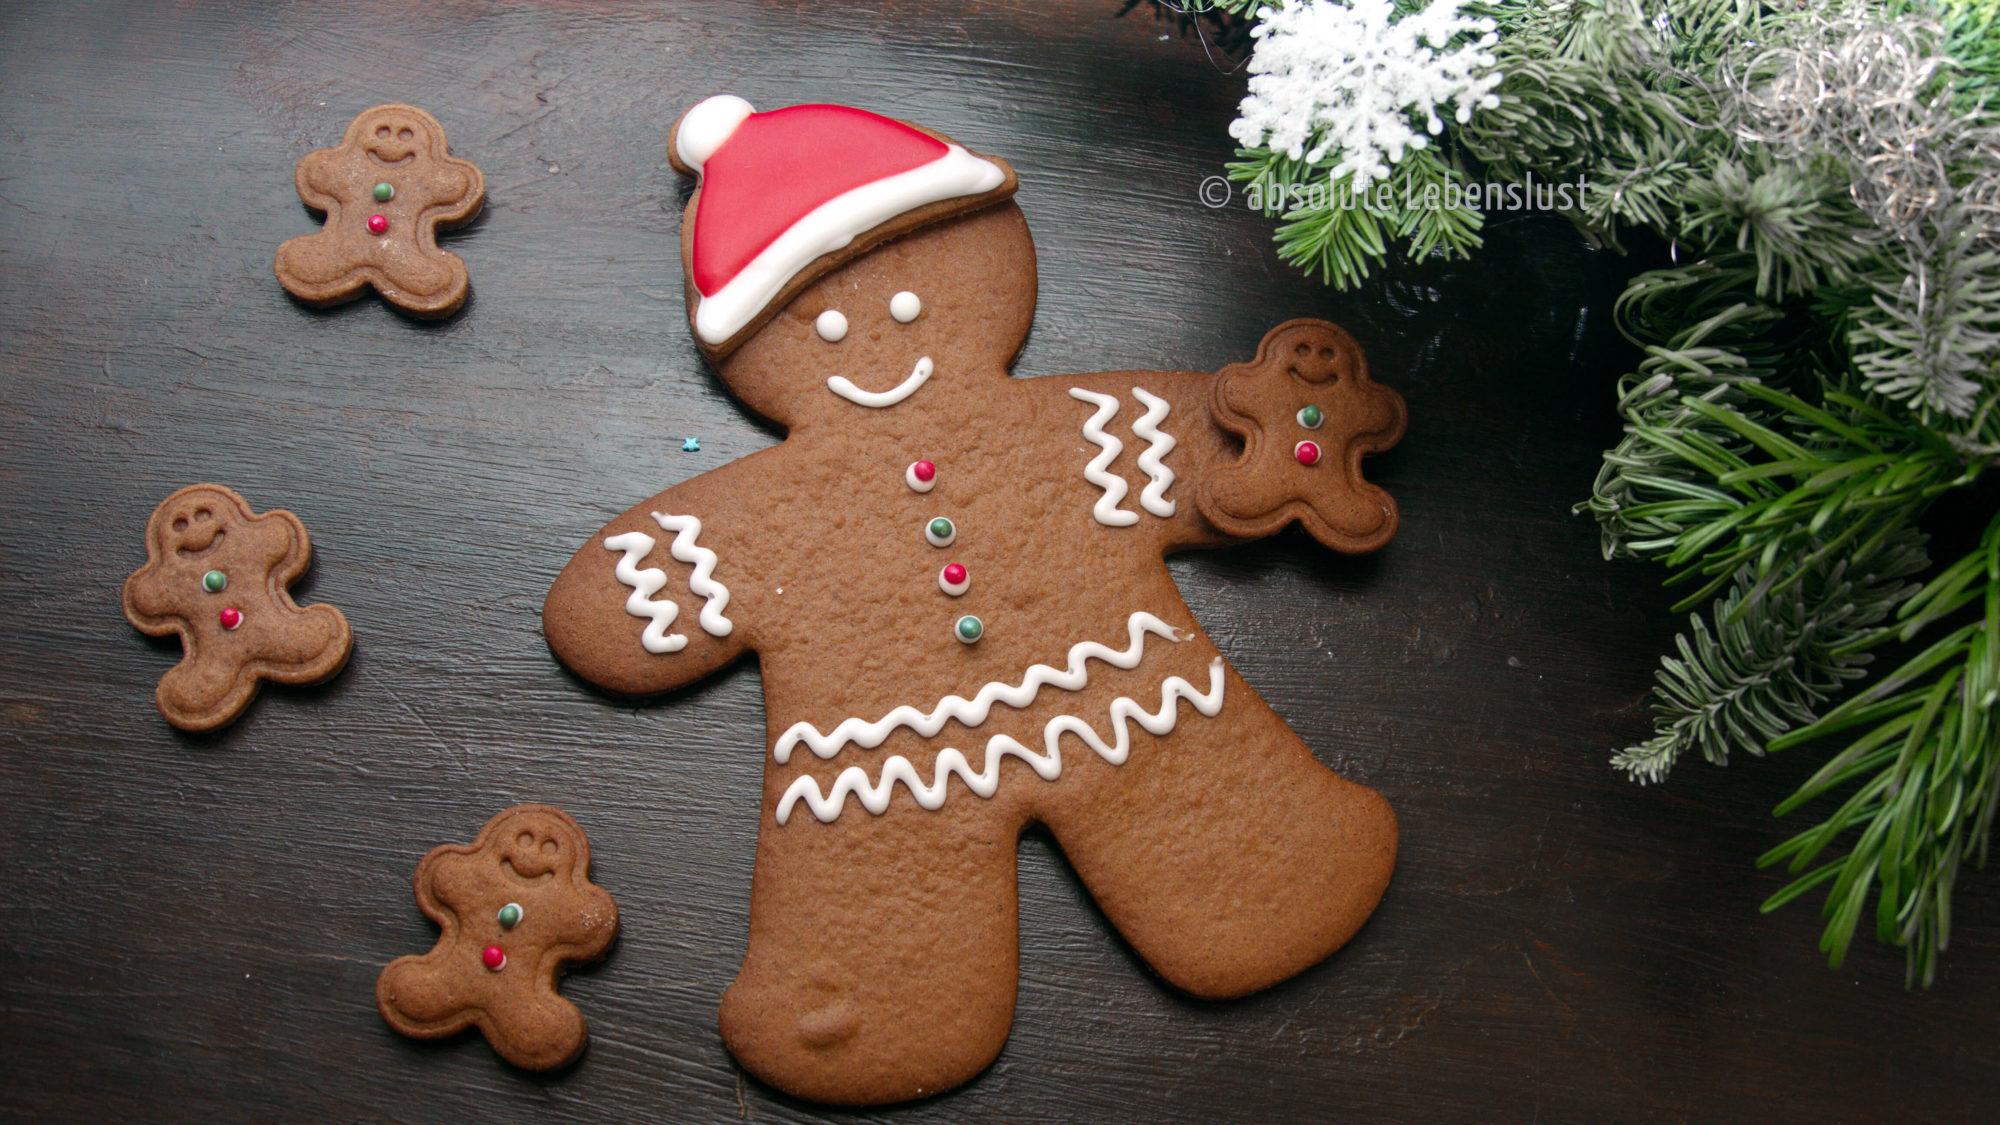 lebkuchen männchen, rezept, backen, diy geschenke, geschenke aus der küche, geschenke selber machen, selbstgemachte geschenke, geschenkideen